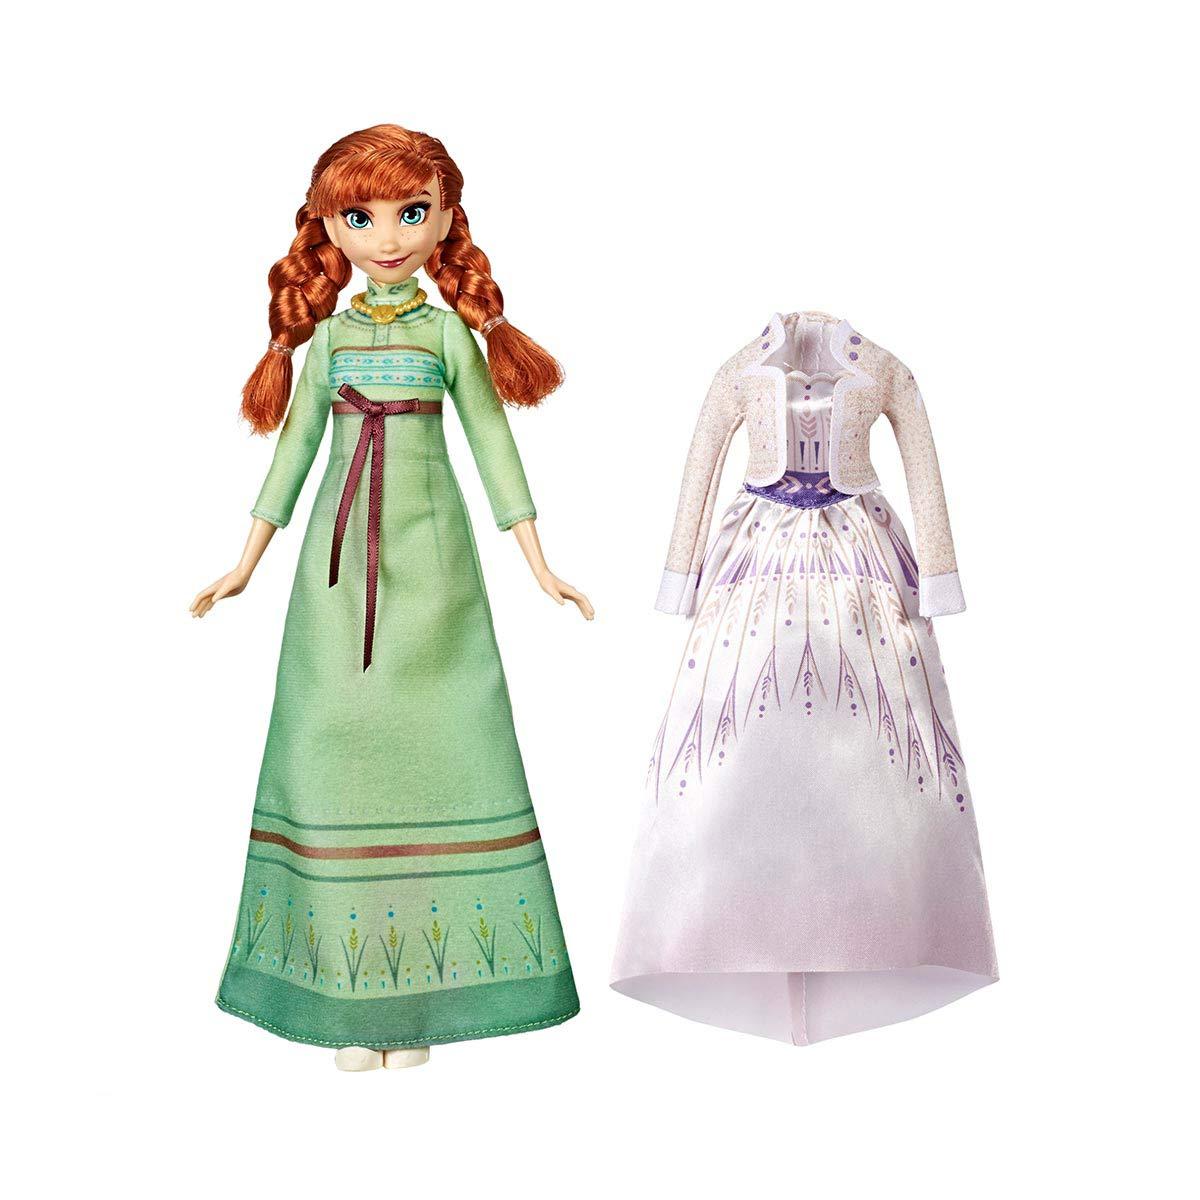 アナと雪の女王 グッズ ディズニー 人形 アナ アレンデール ファッション ドール